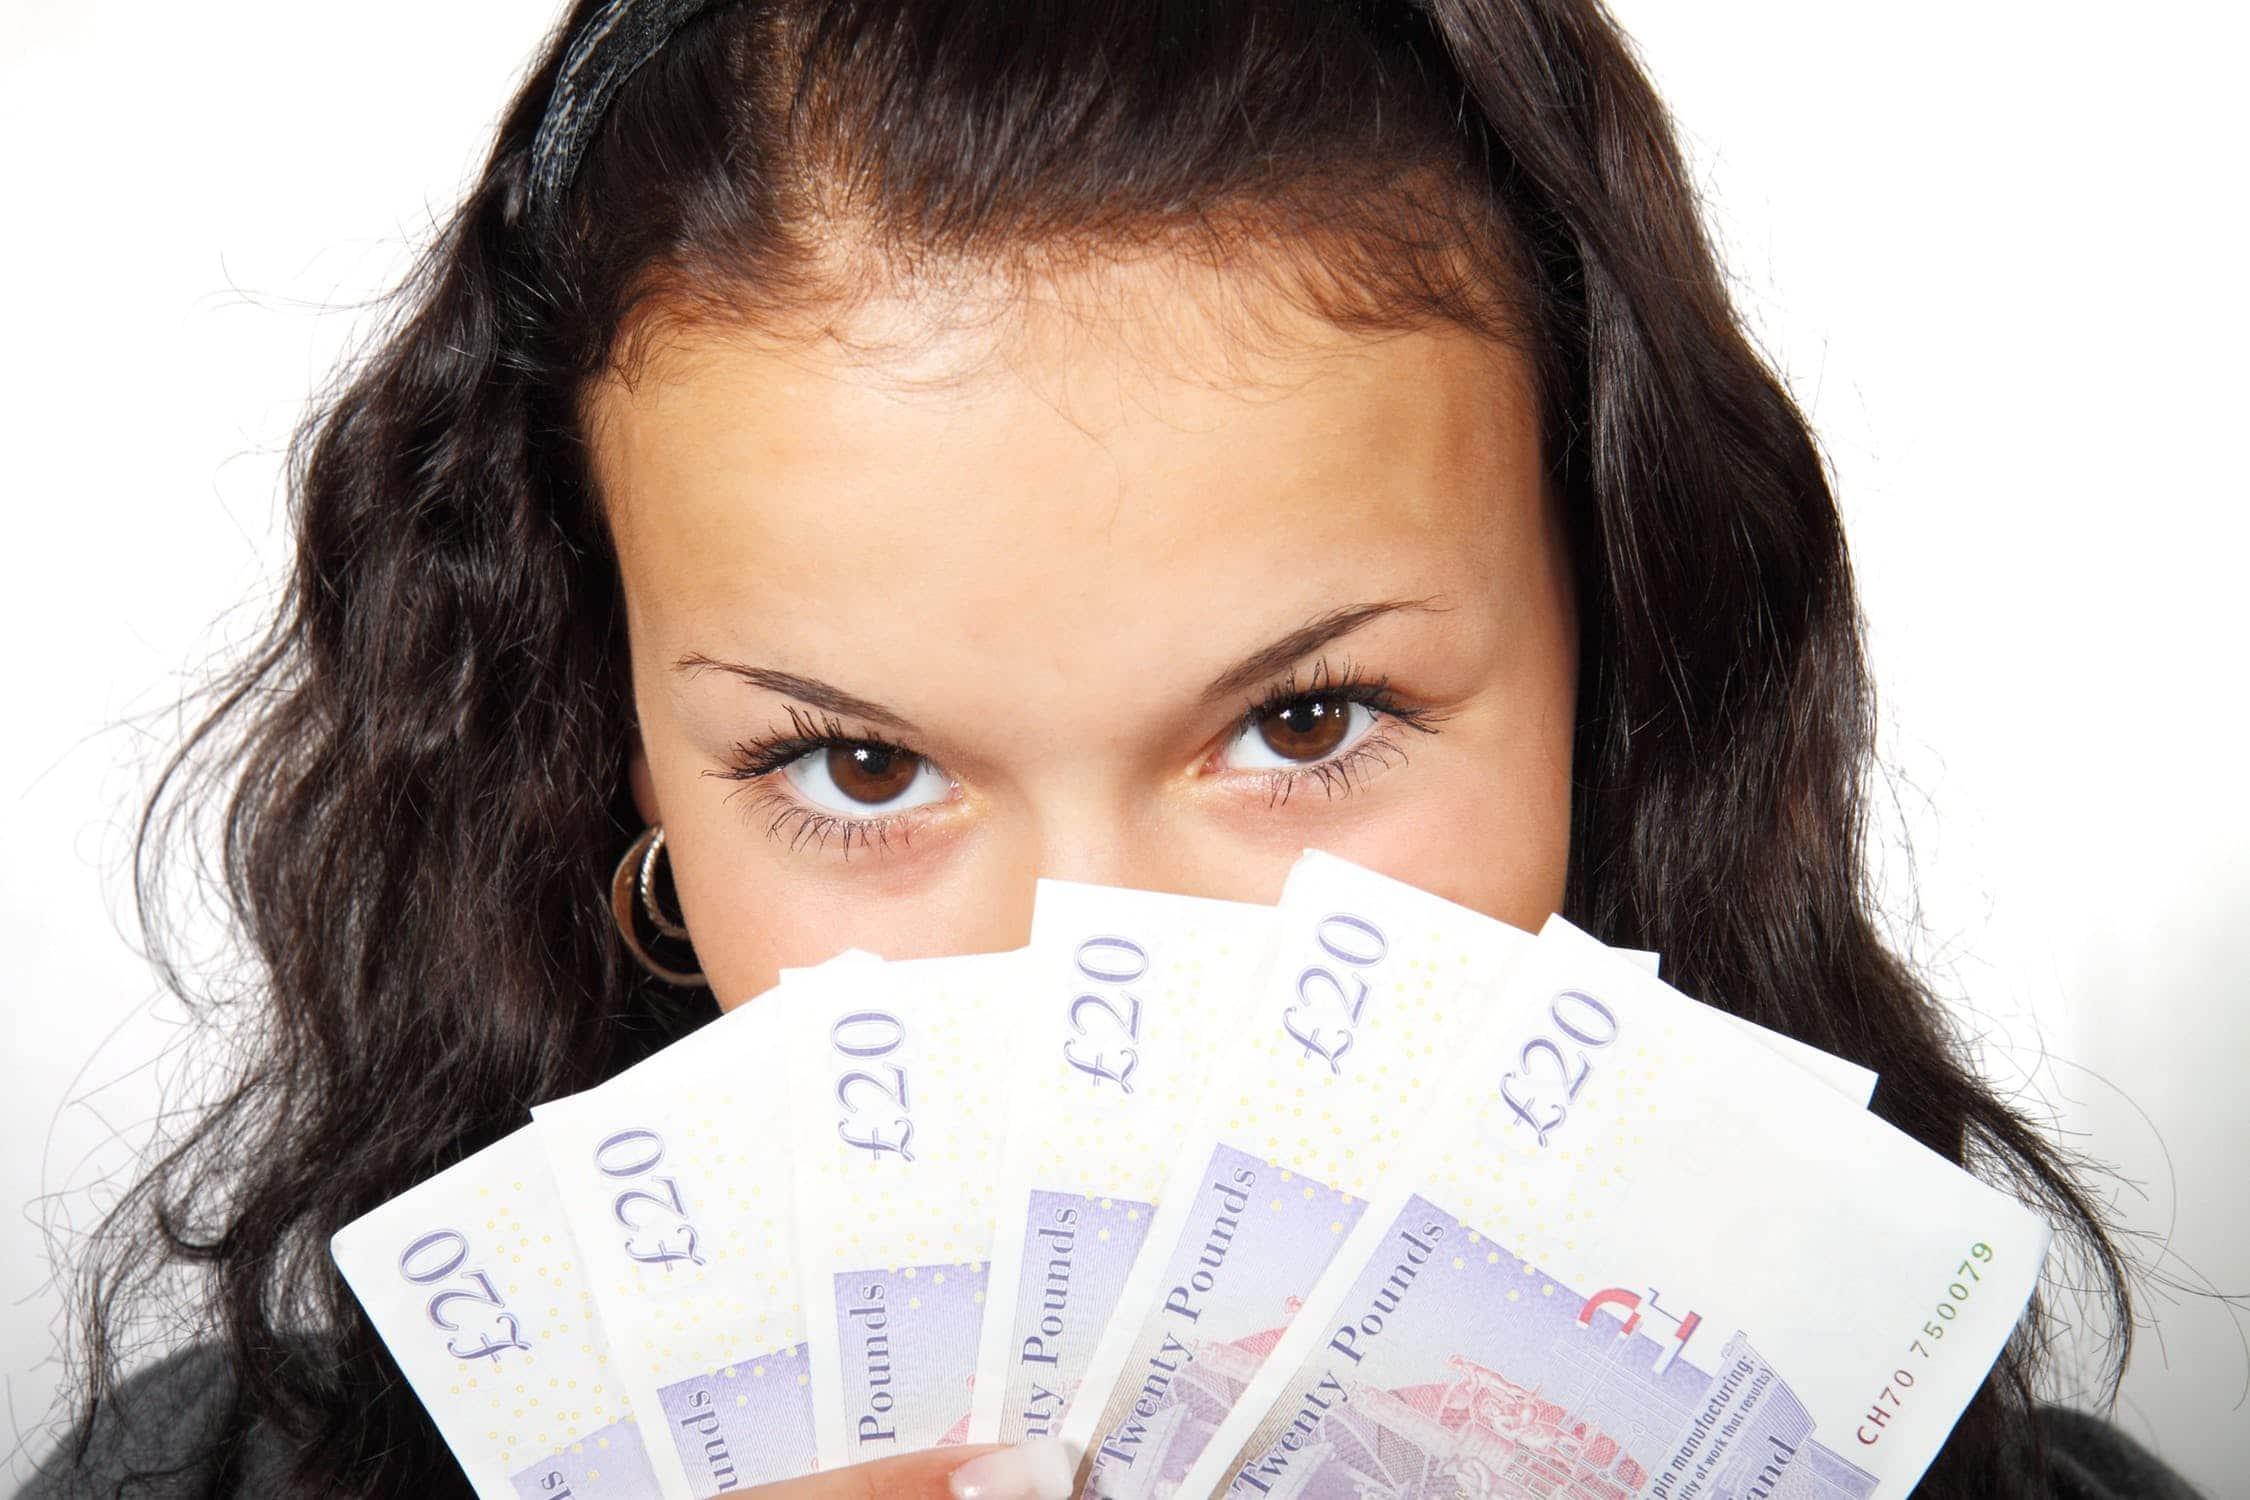 10 økonomiske mål du bør nå inden du bliver 30